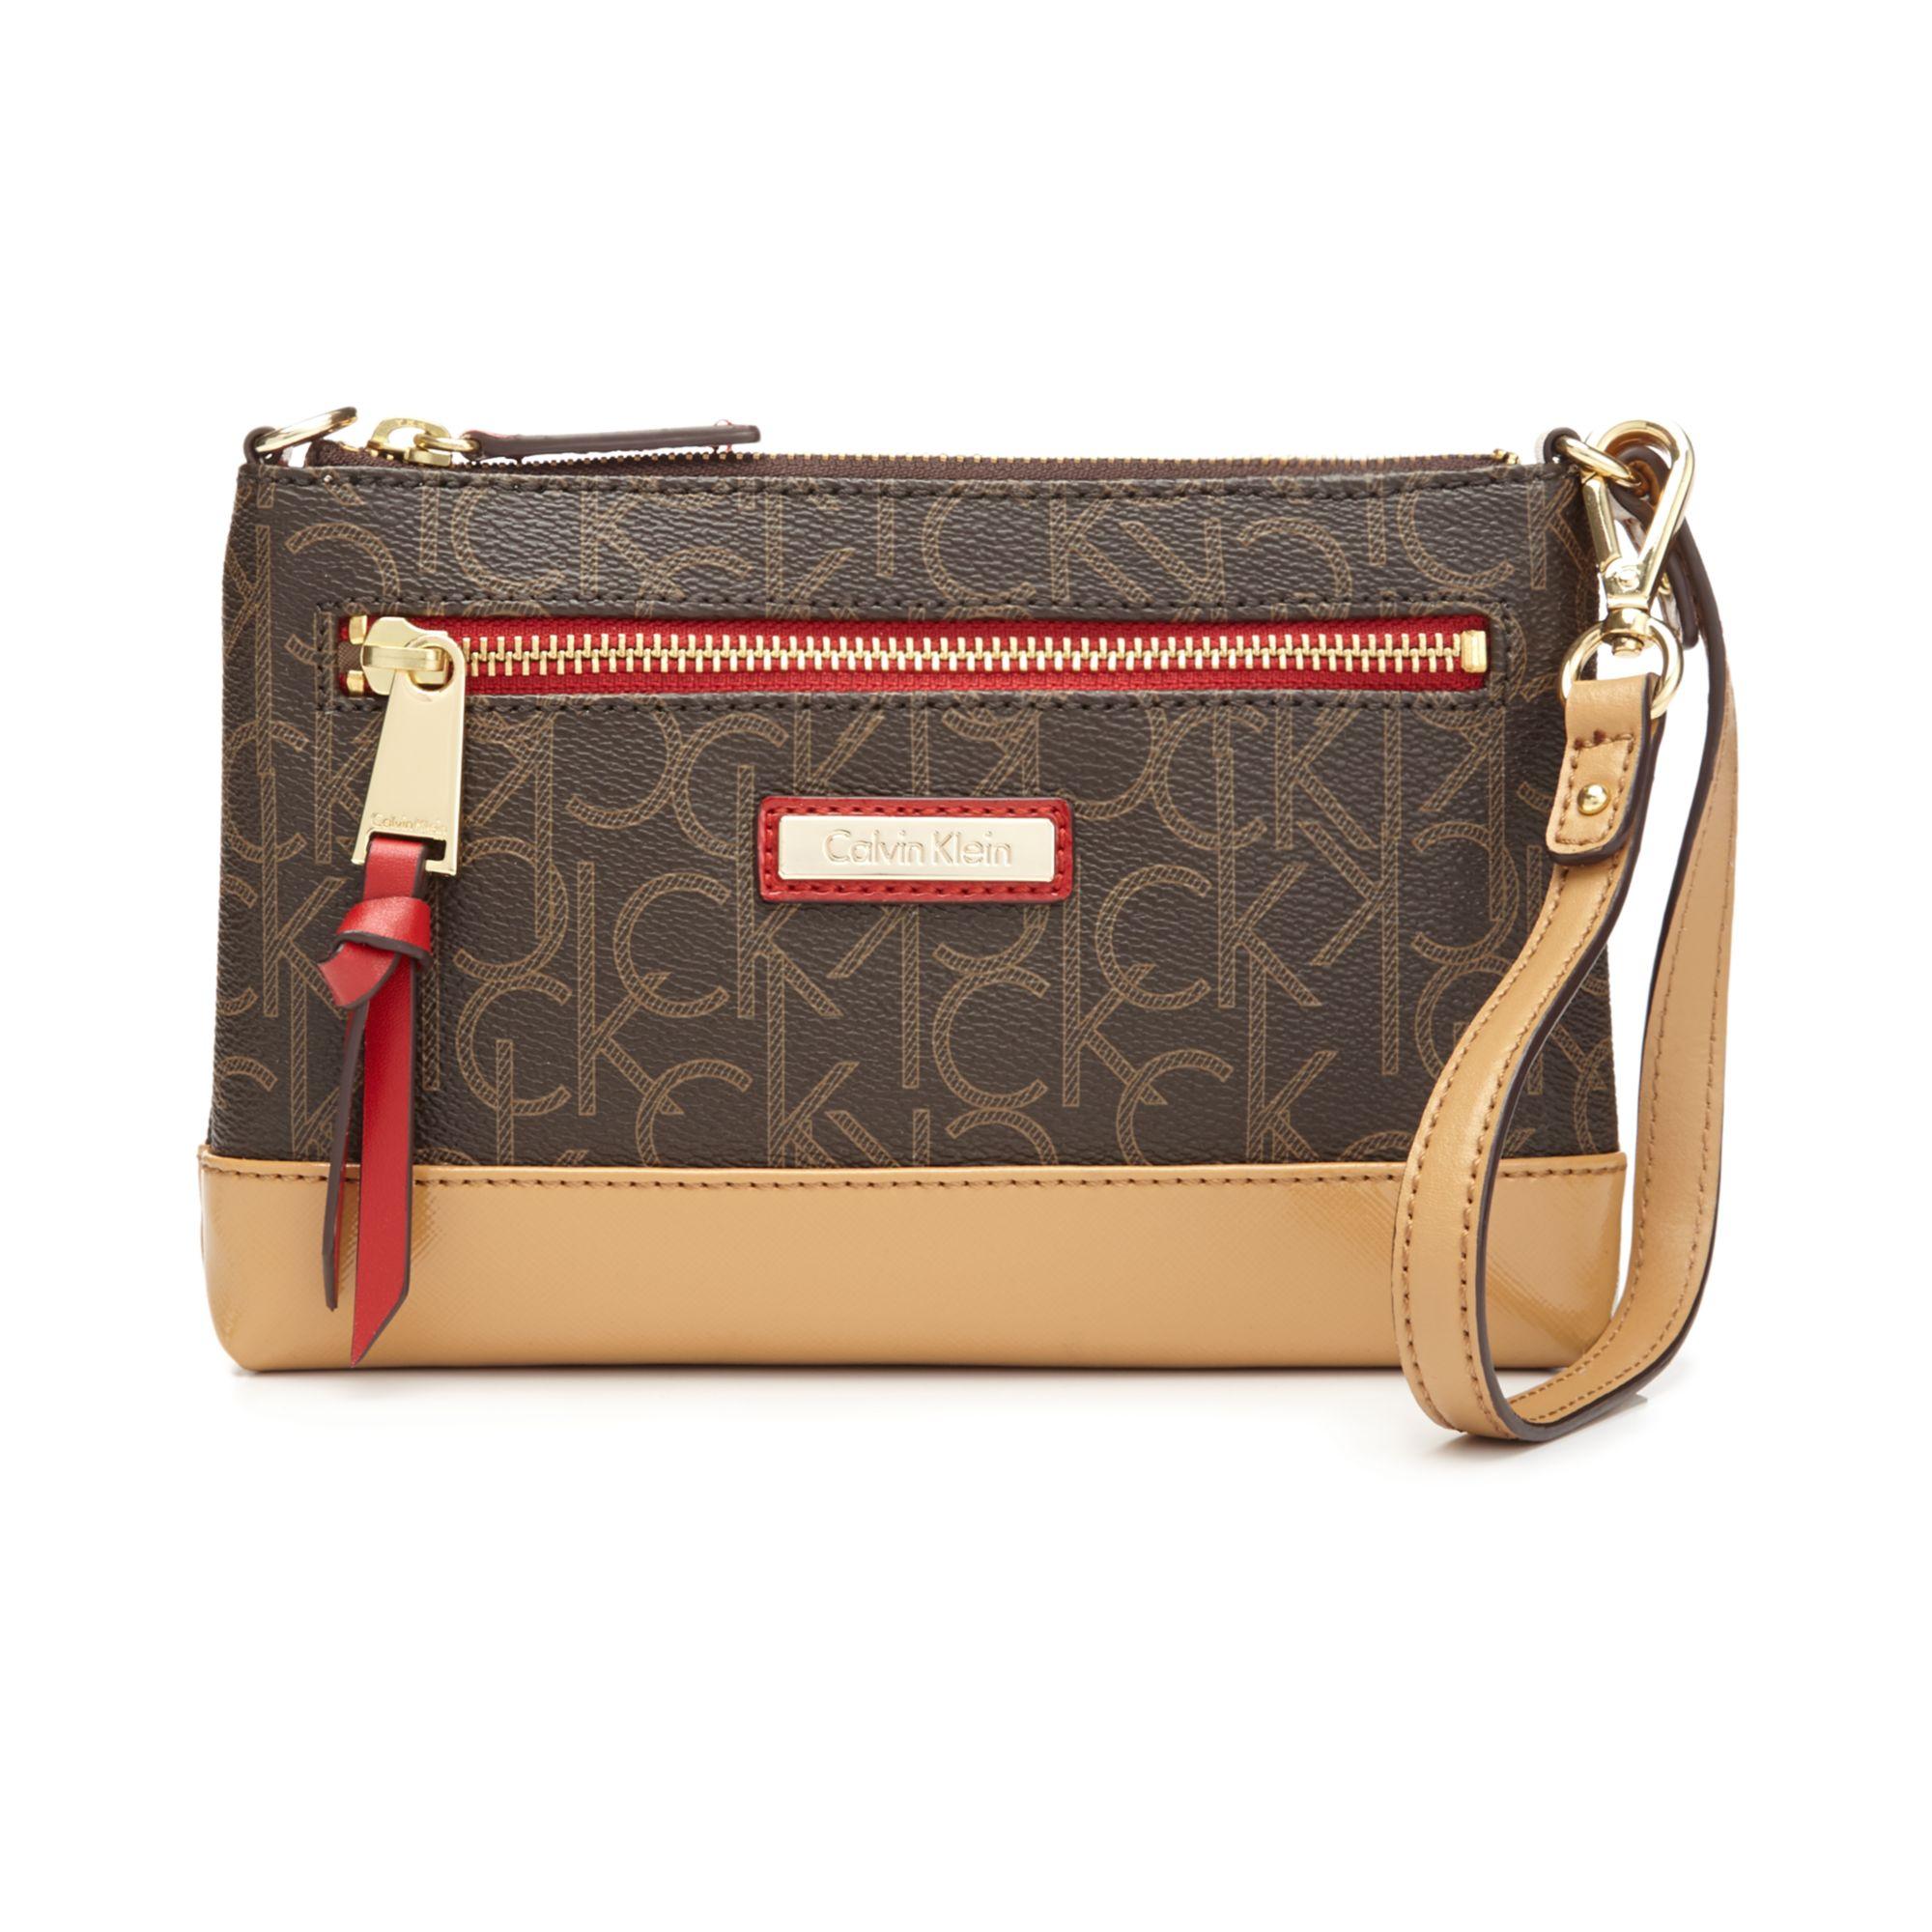 Calvin Klein Saffiano Wristlet / Clutch FAUX Leather Top